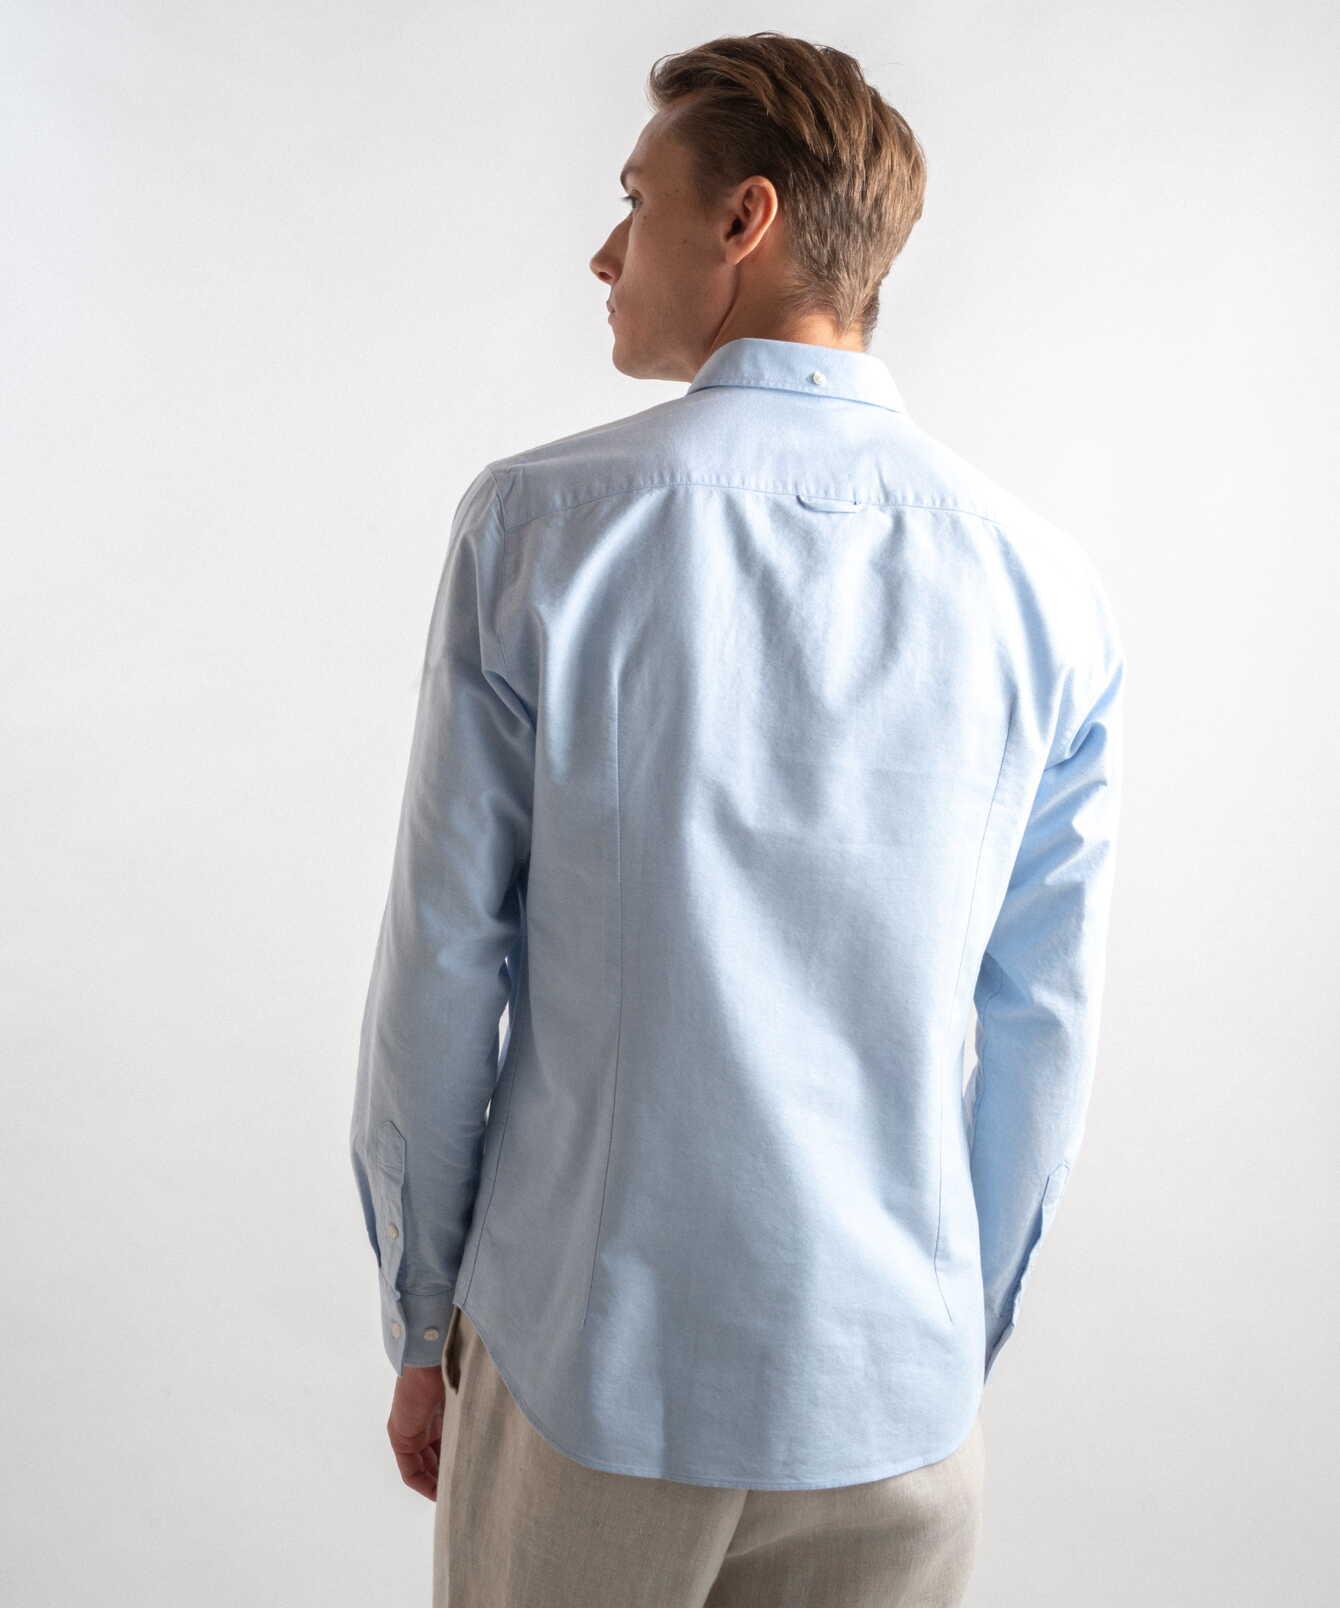 Skjorta Boston Oxford Ljusblå Extra Lång Ärm The Shirt Factory